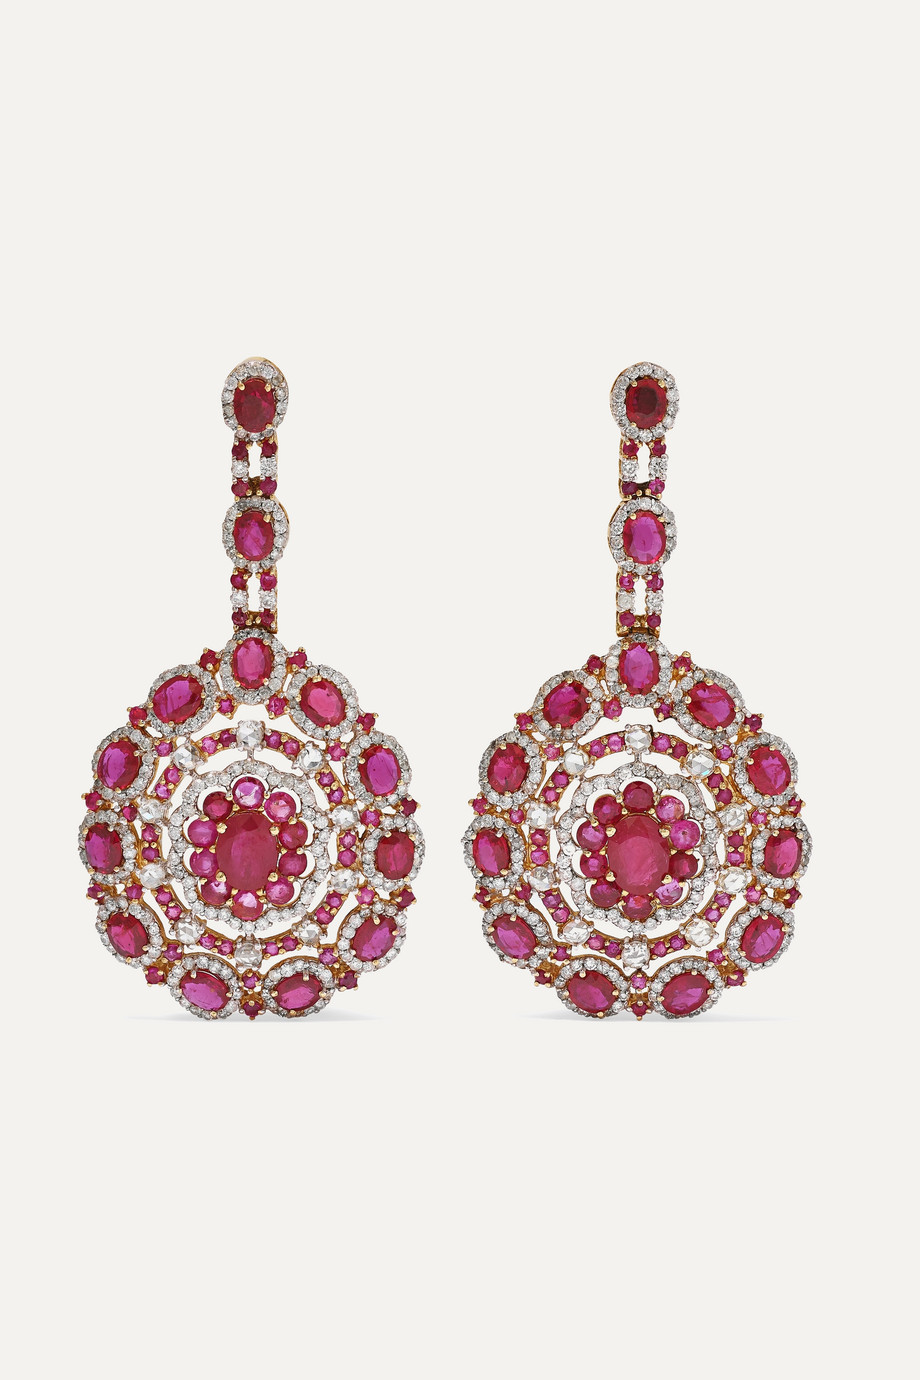 Amrapali Ohrringe aus 18 Karat Roségold mit Rubinen und Diamanten